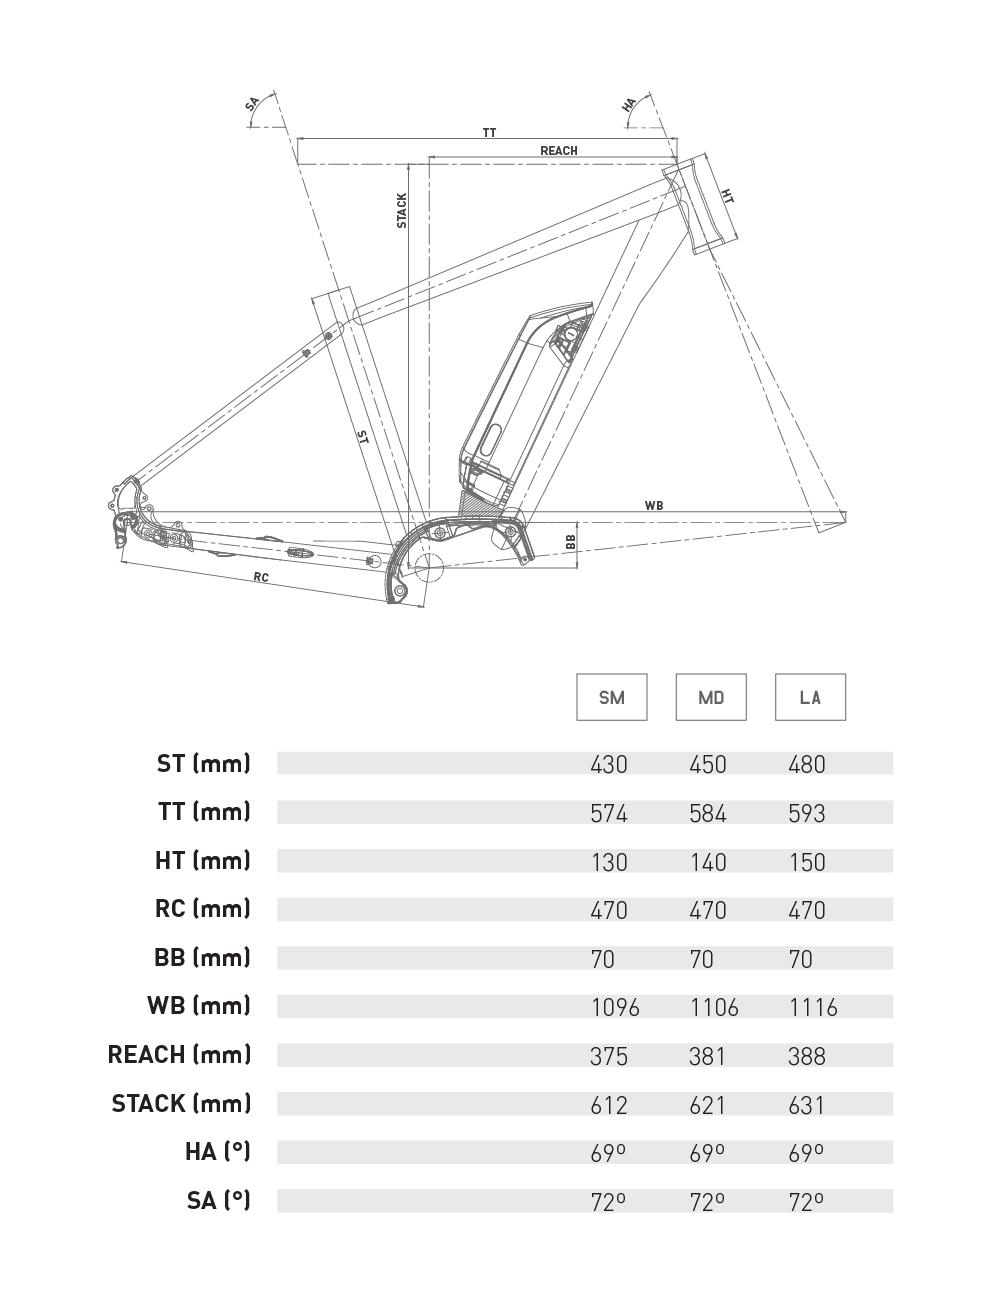 geometriasweb__E6-H_vuk_bikes